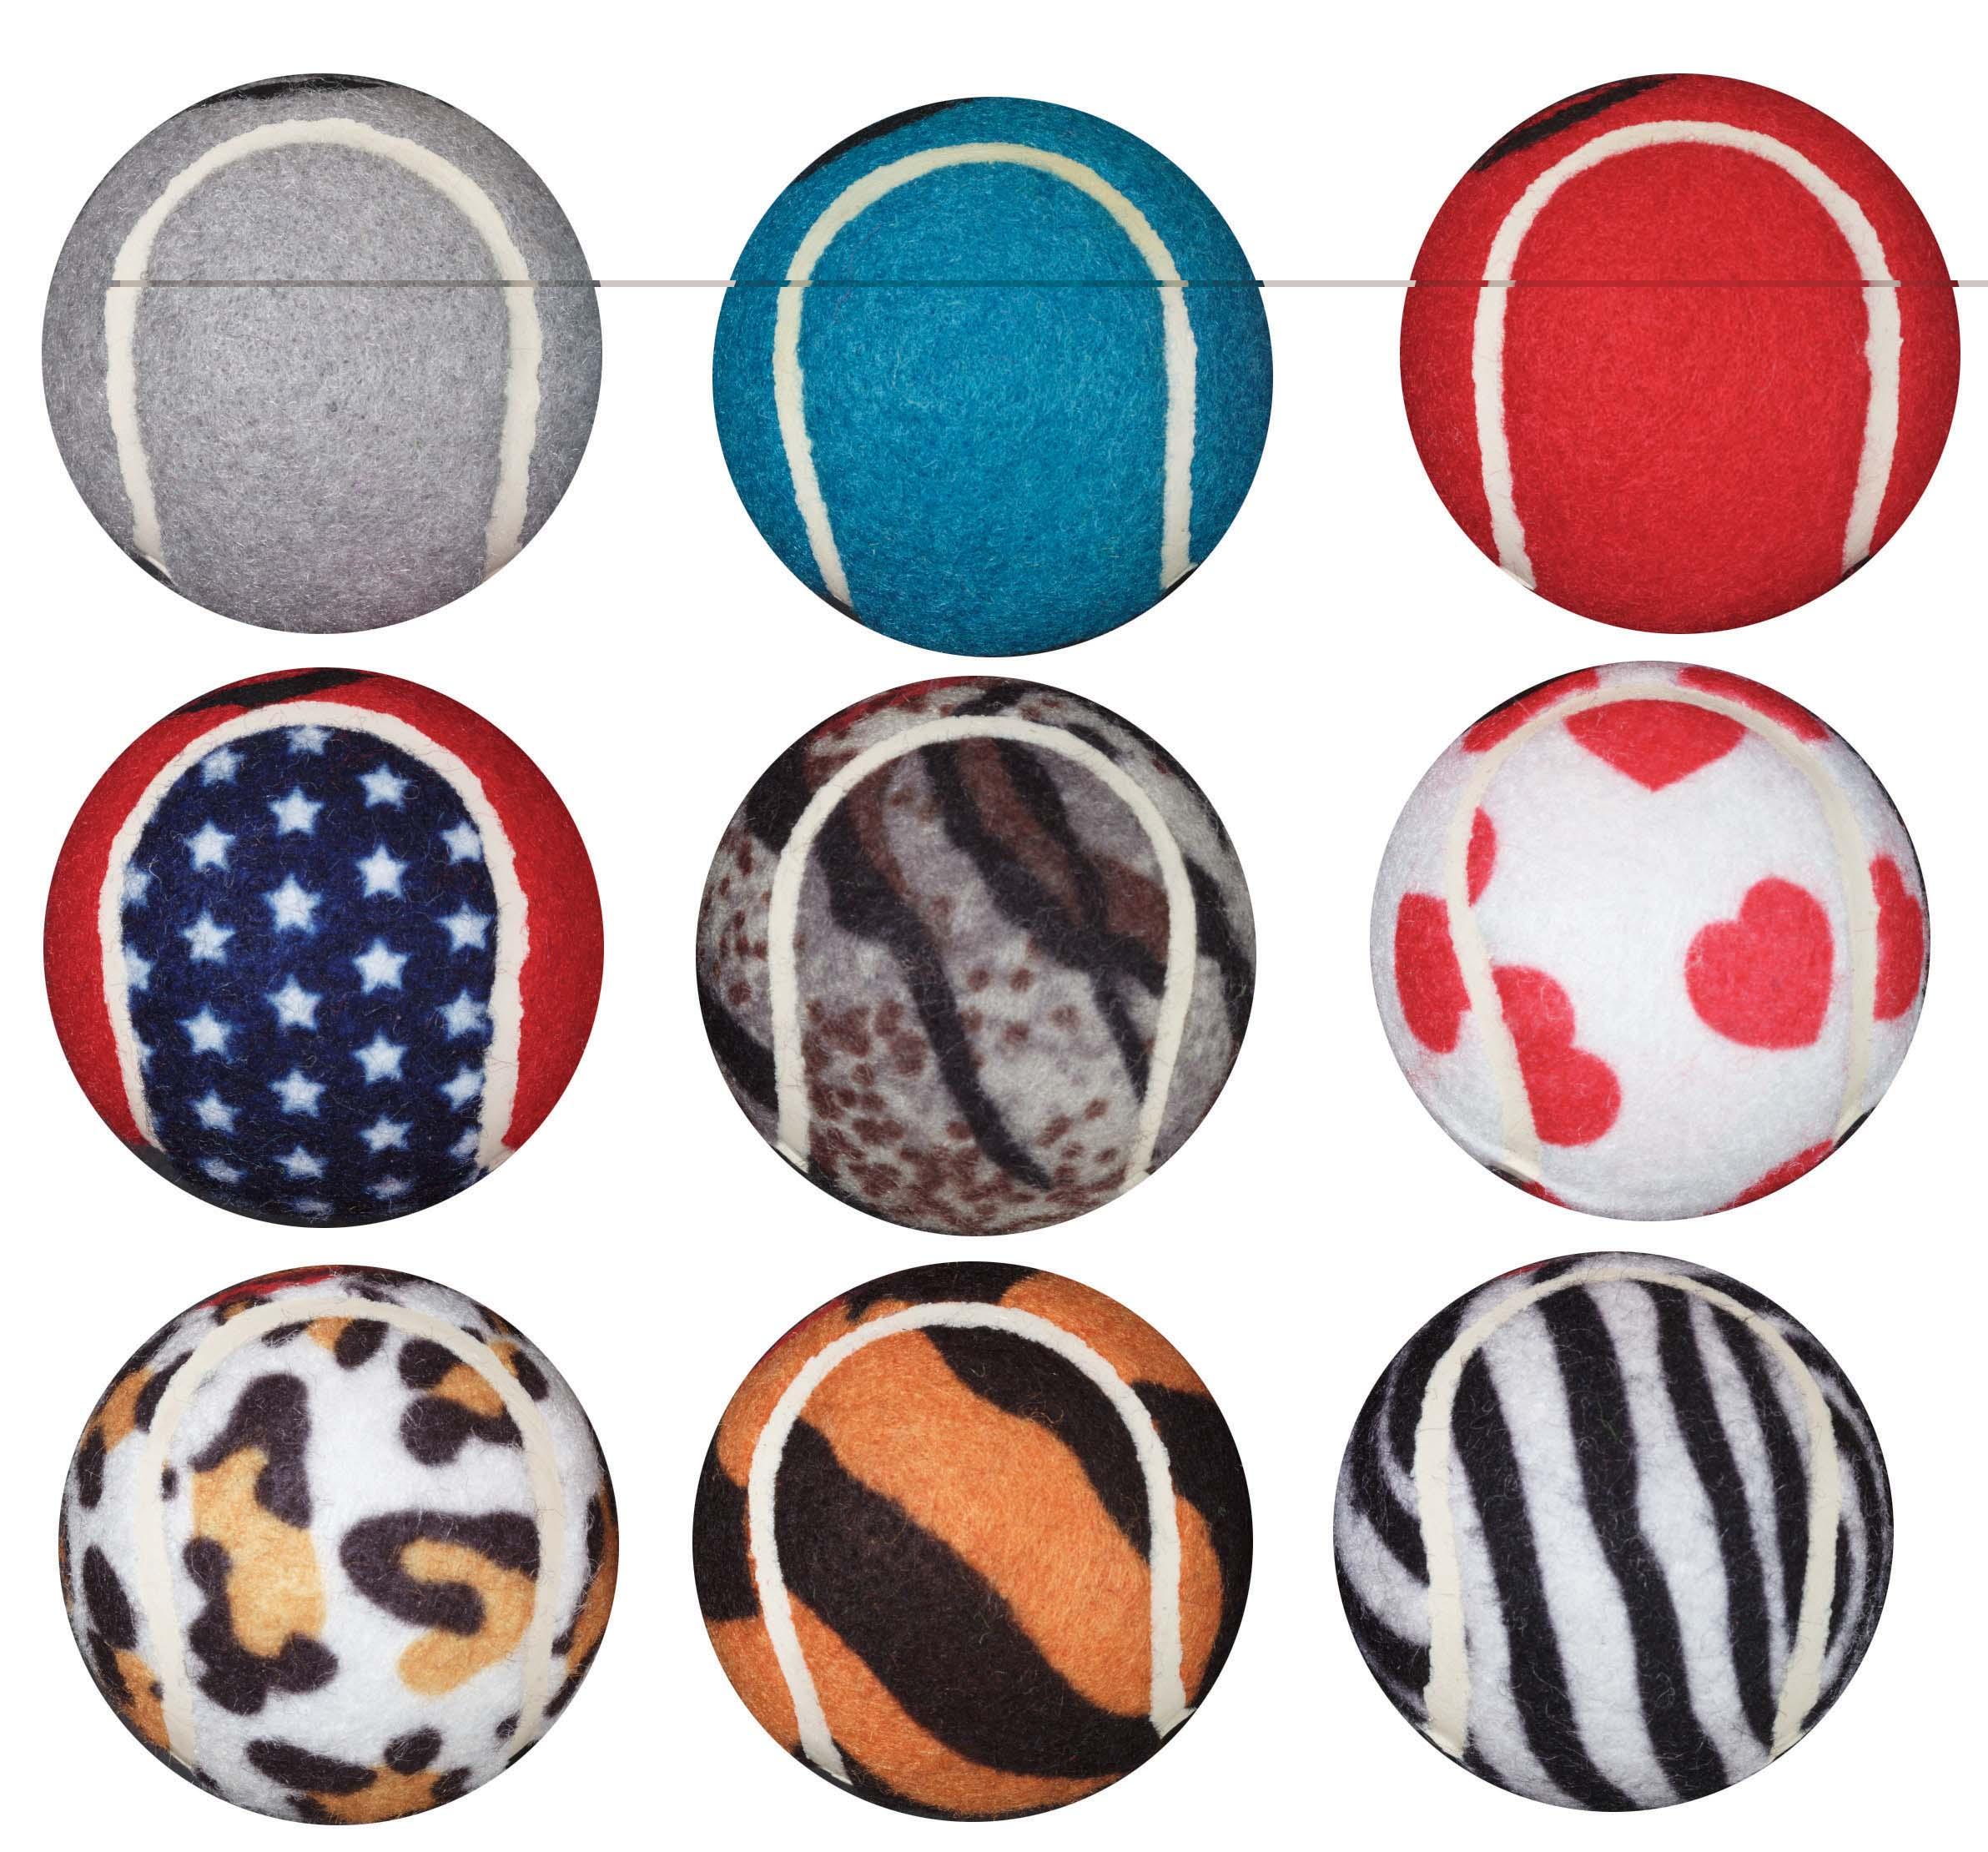 walkerballs-zebra-1-pair-510-1035-9917-lr-3.jpg